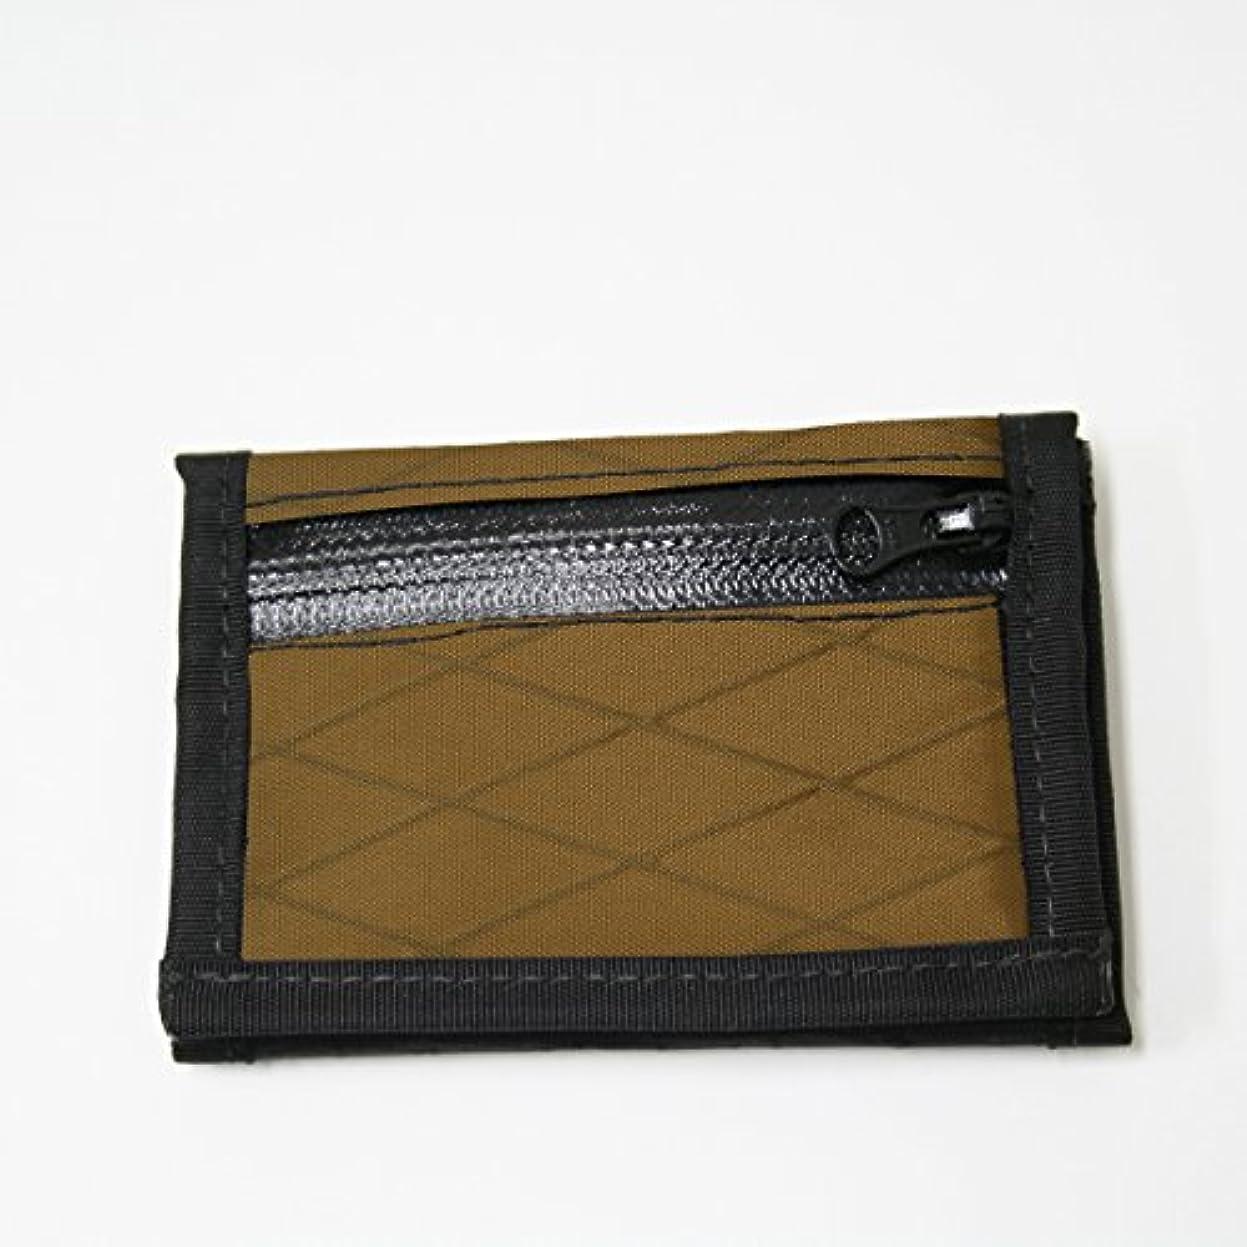 支配的所持噛むフローフォールド(Flowfold) アウトドア 財布 ドライフォルドワレット ジッパートラベラー リミテッド コヨーテブラウン FFITF02400